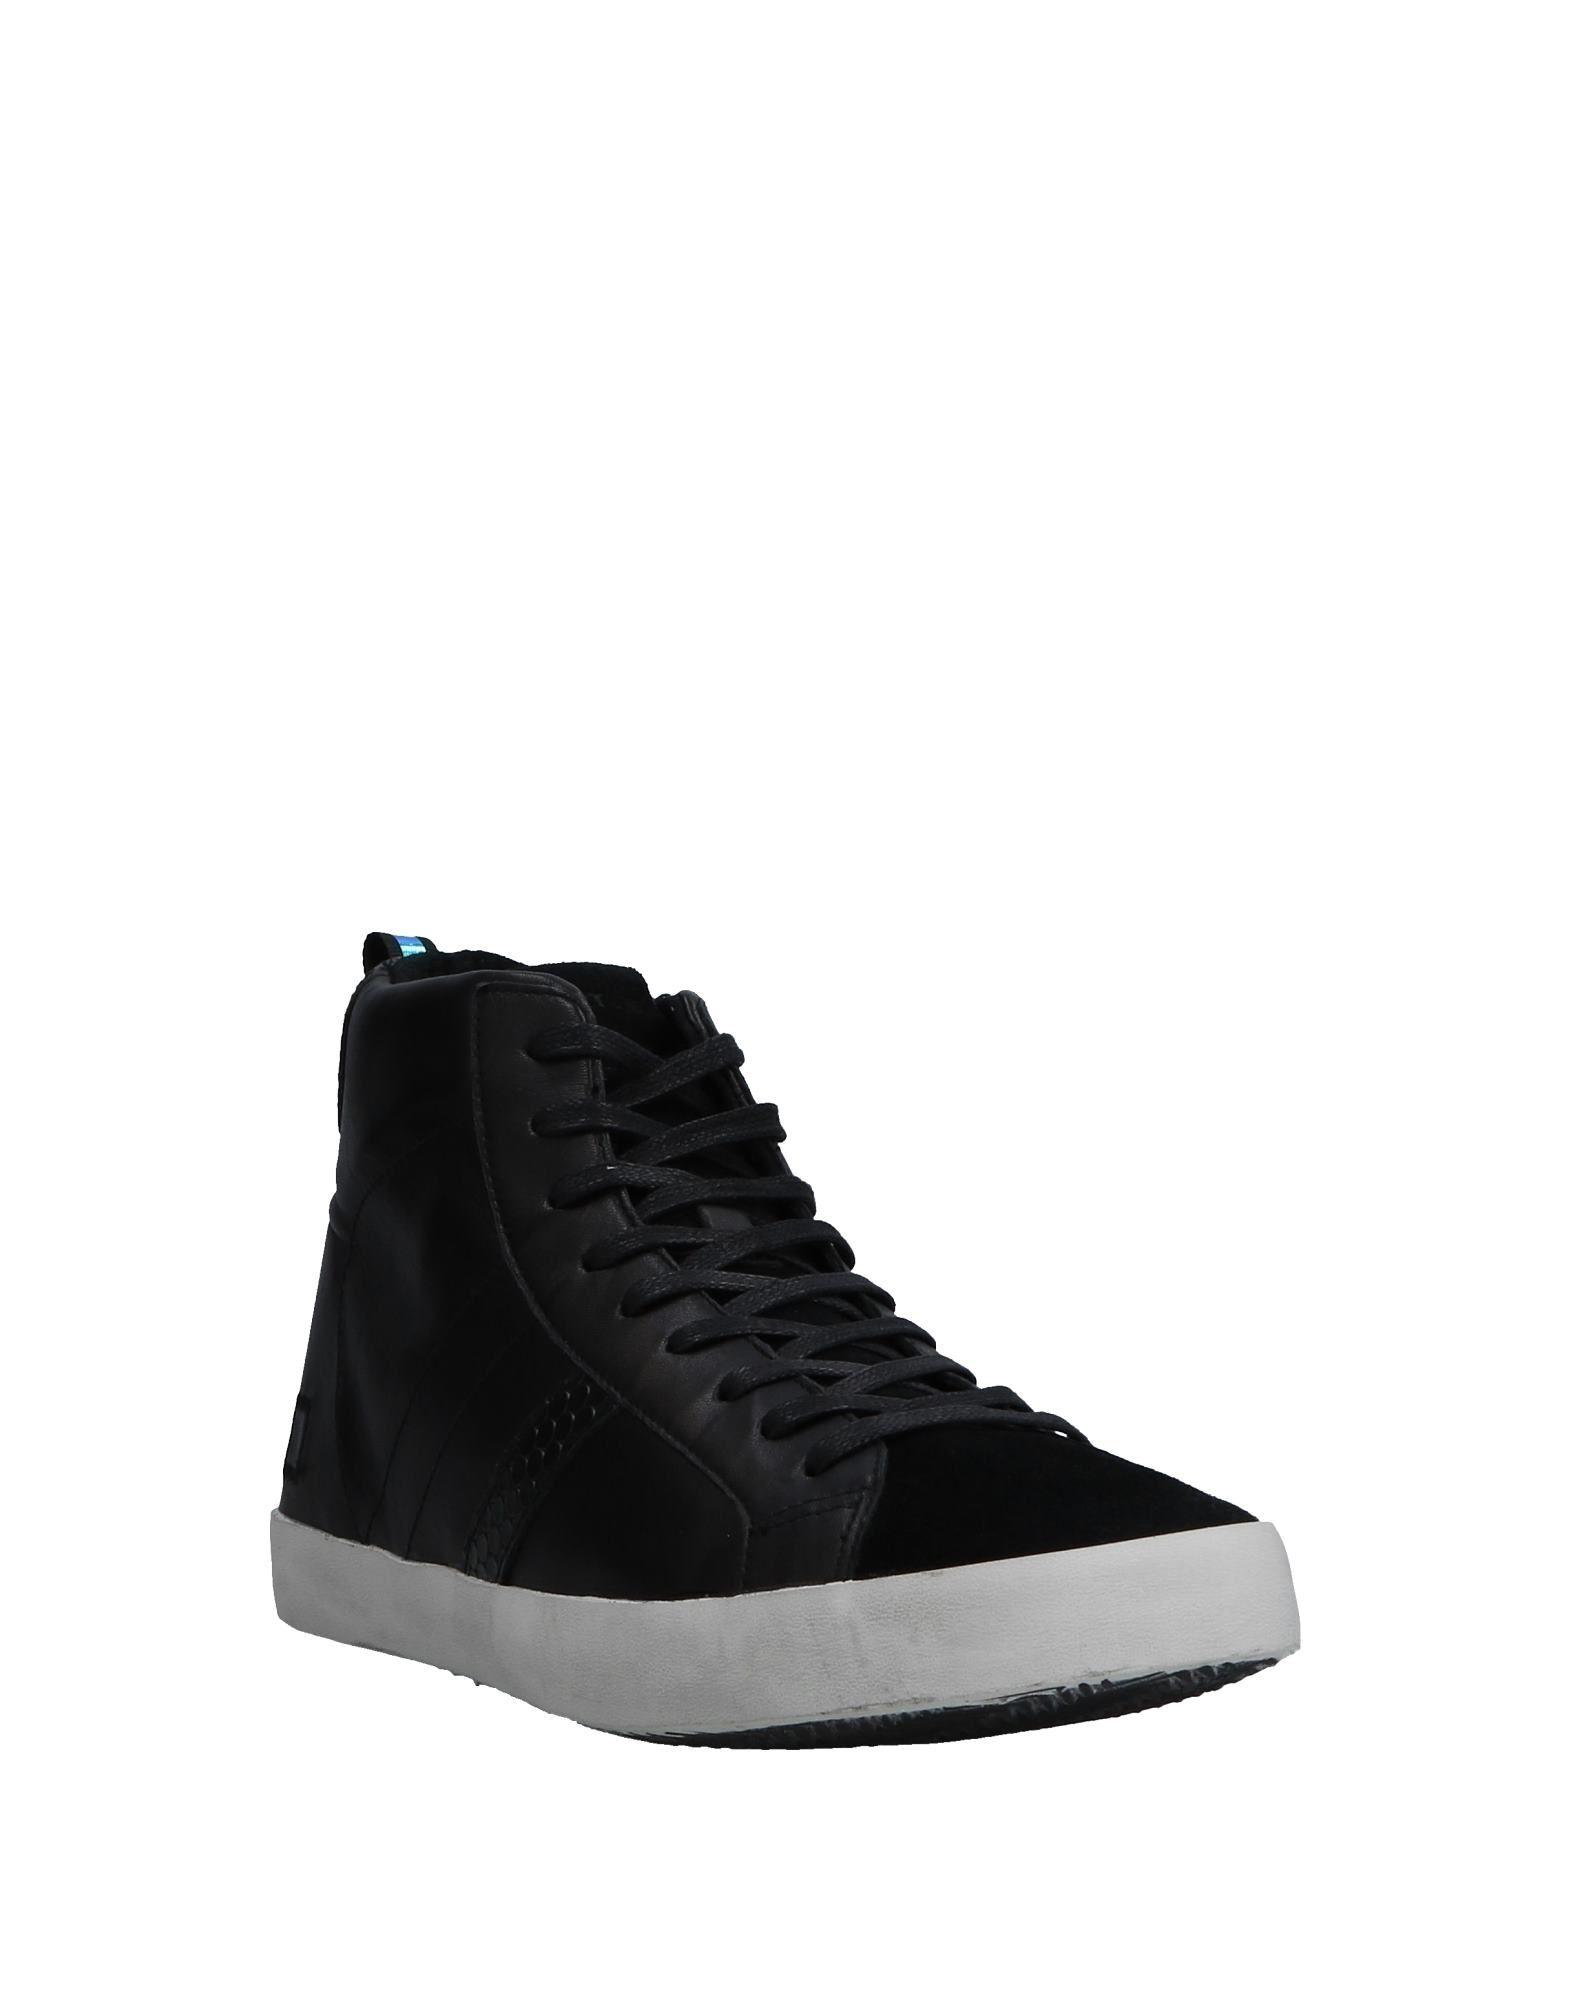 D.A.T.E. Sneakers Herren Herren Sneakers  11526891XT ad69d5